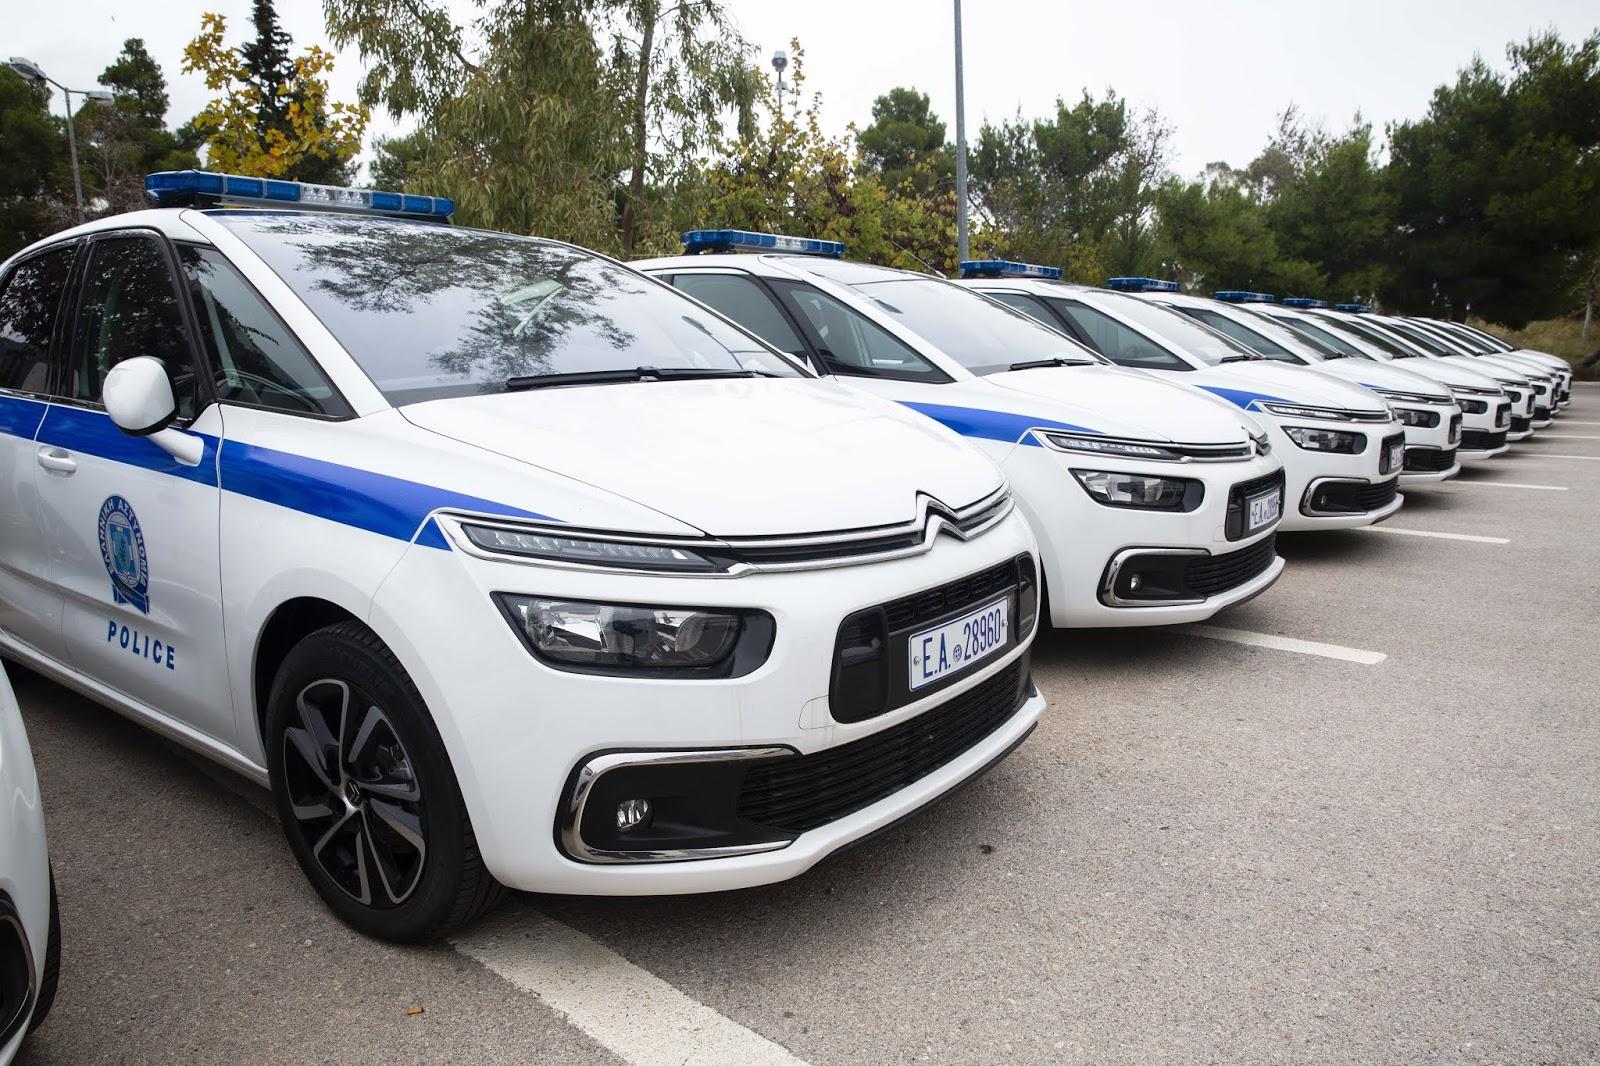 (49) νέα υπηρεσιακά οχήματα παρέλαβε σήμερα η Ελληνική Αστυνομία